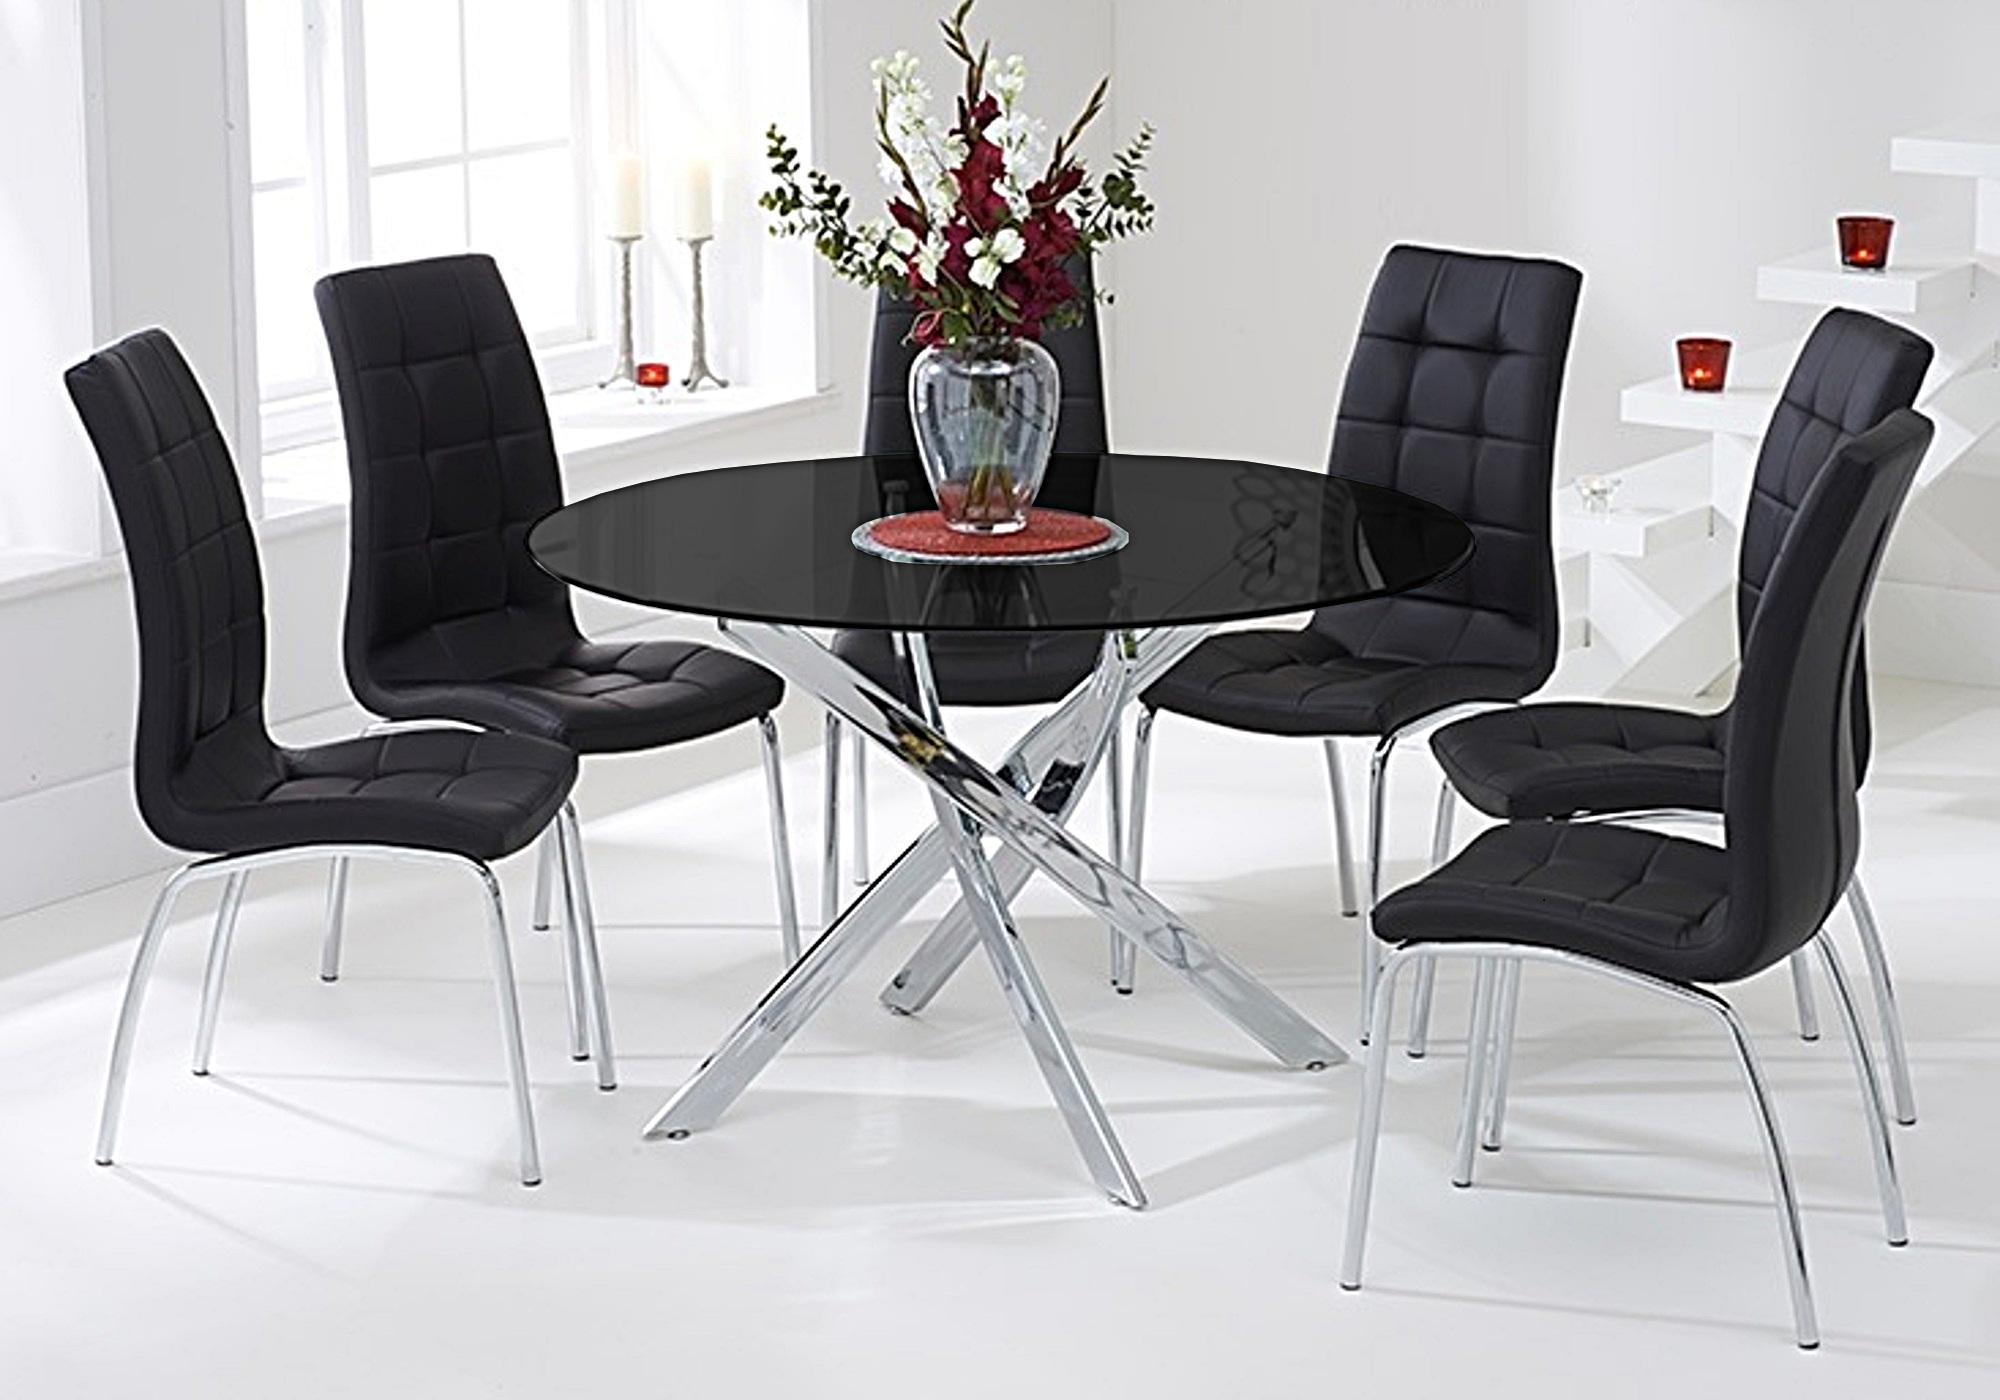 Table ronde chromé 6 chaises noires DESIGN